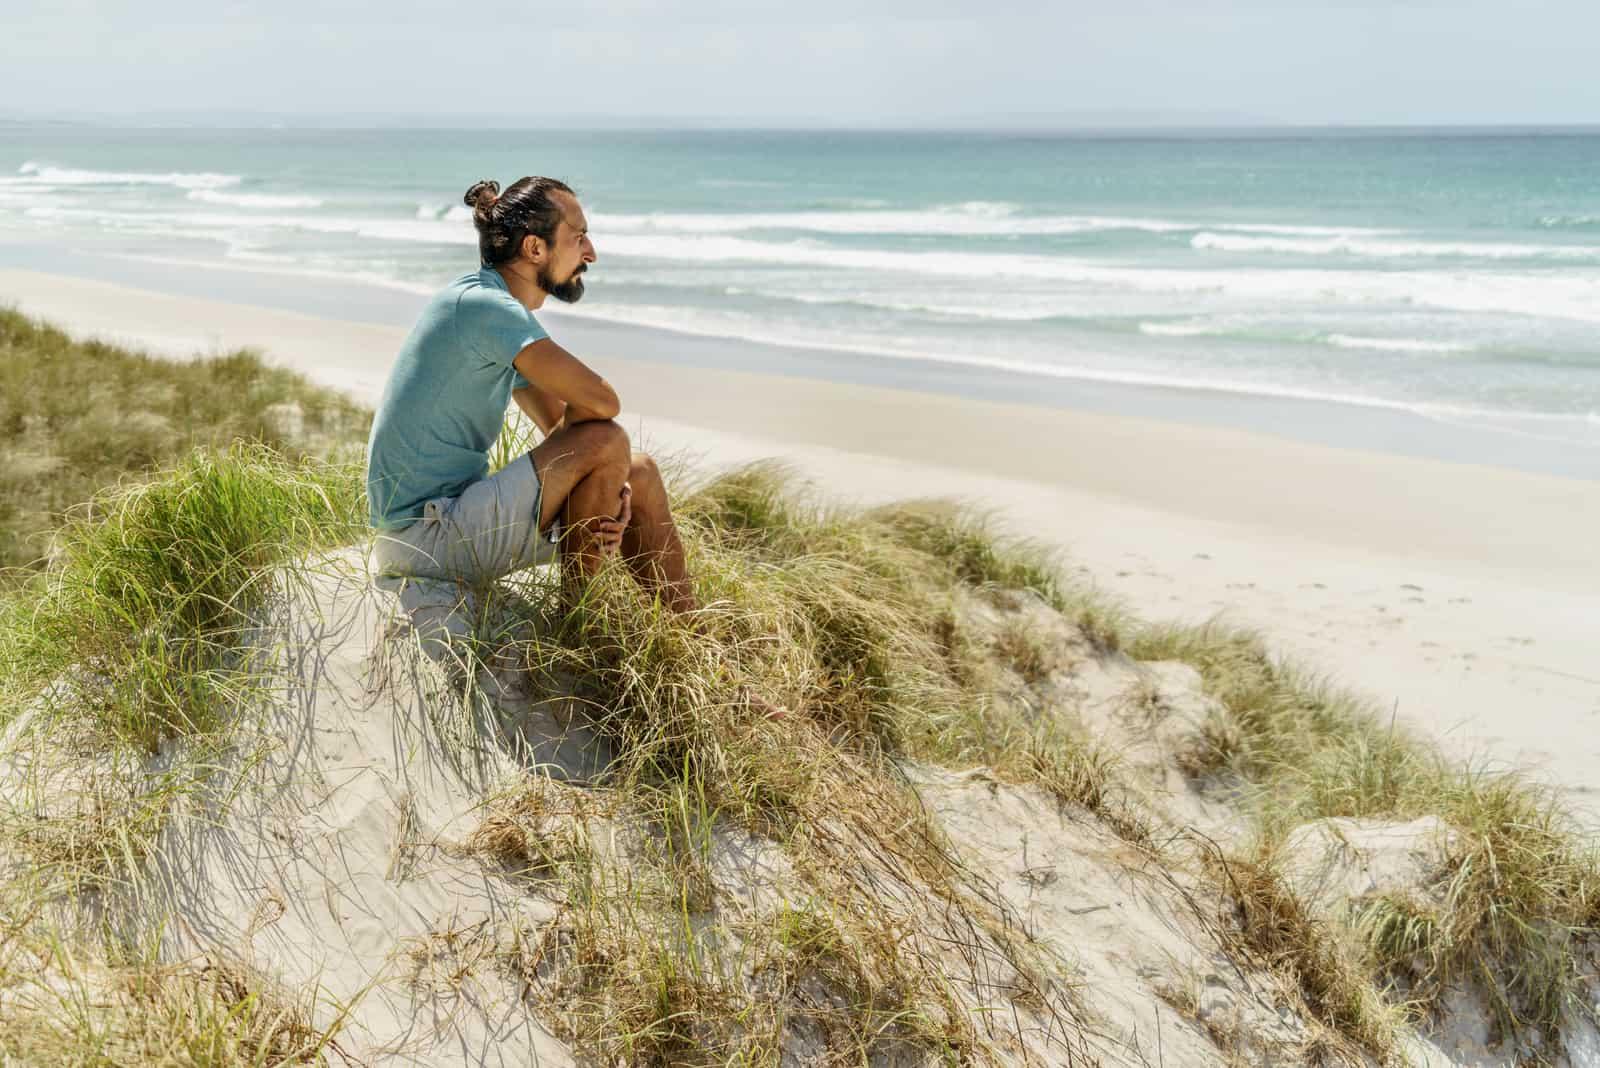 un homme imaginaire assis sur un rocher